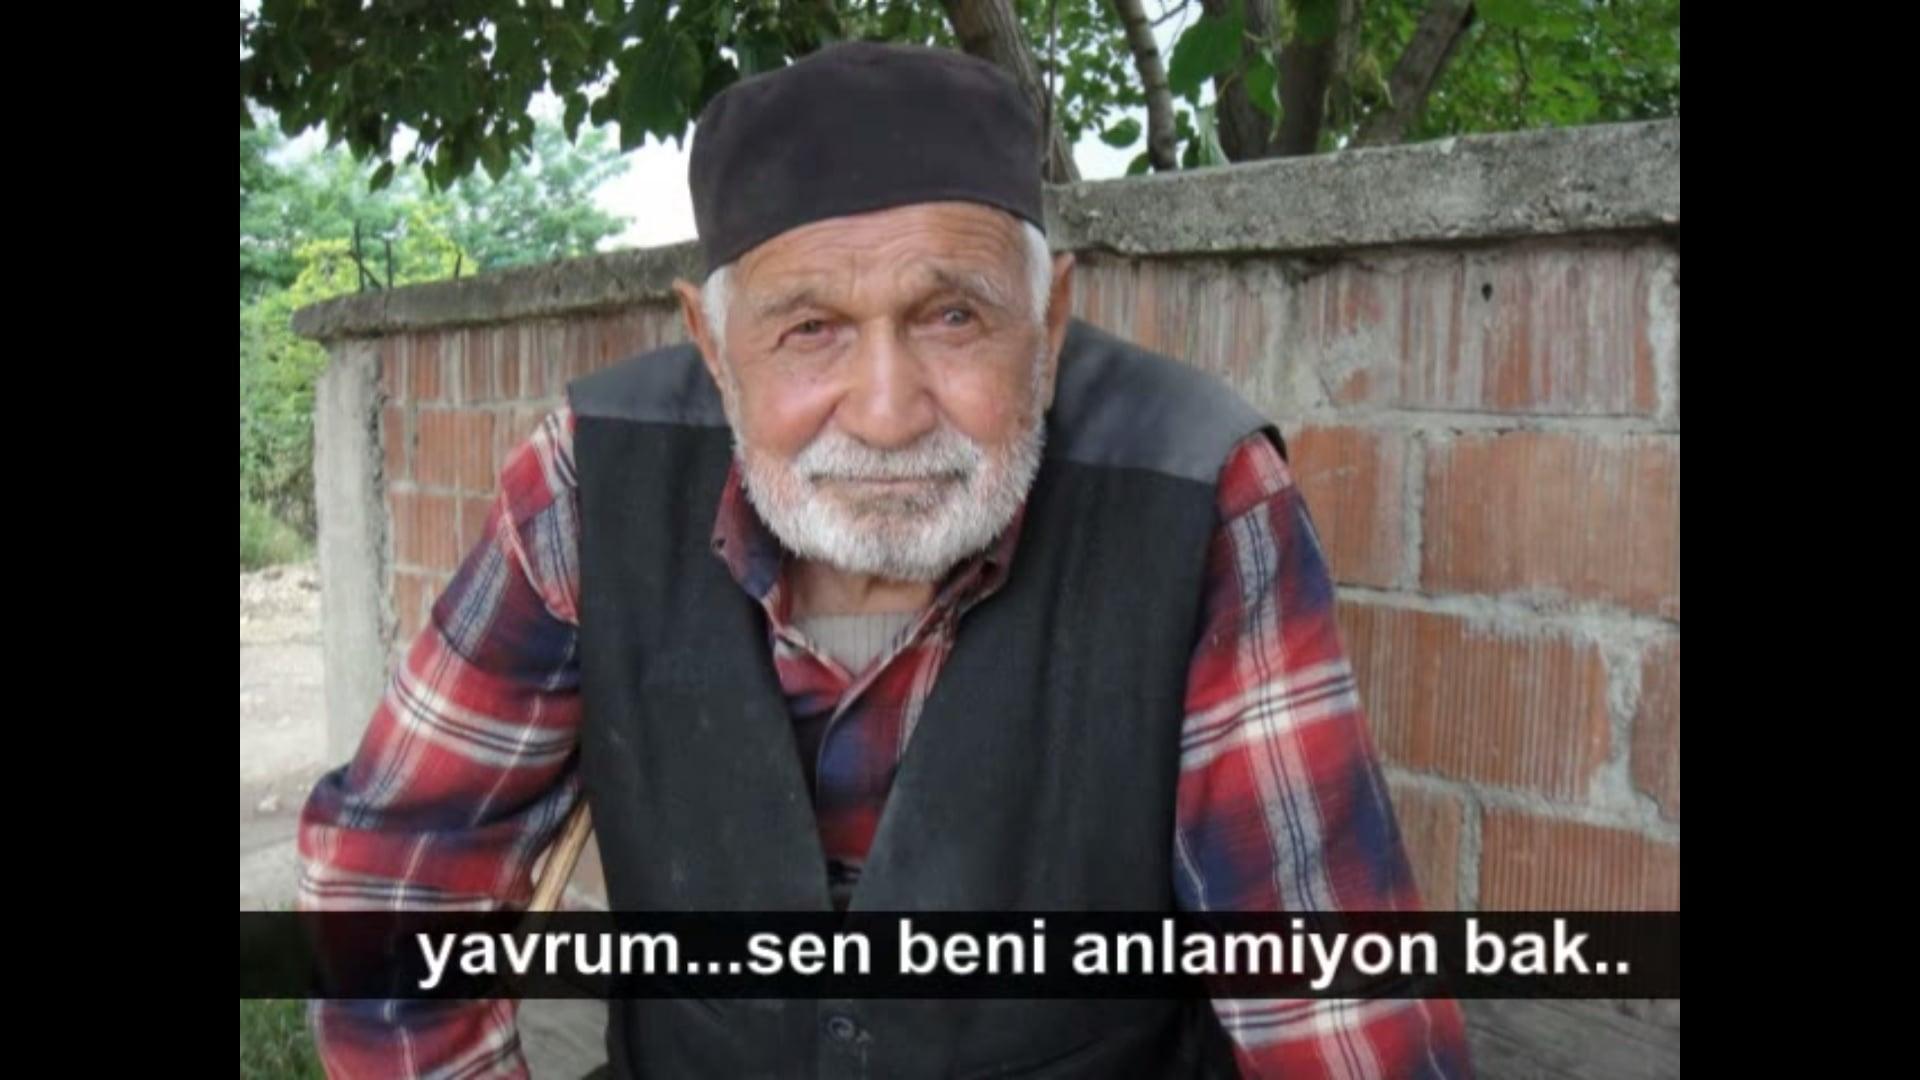 Hacı Amcanın Belediyeye Köpek Şikayeti